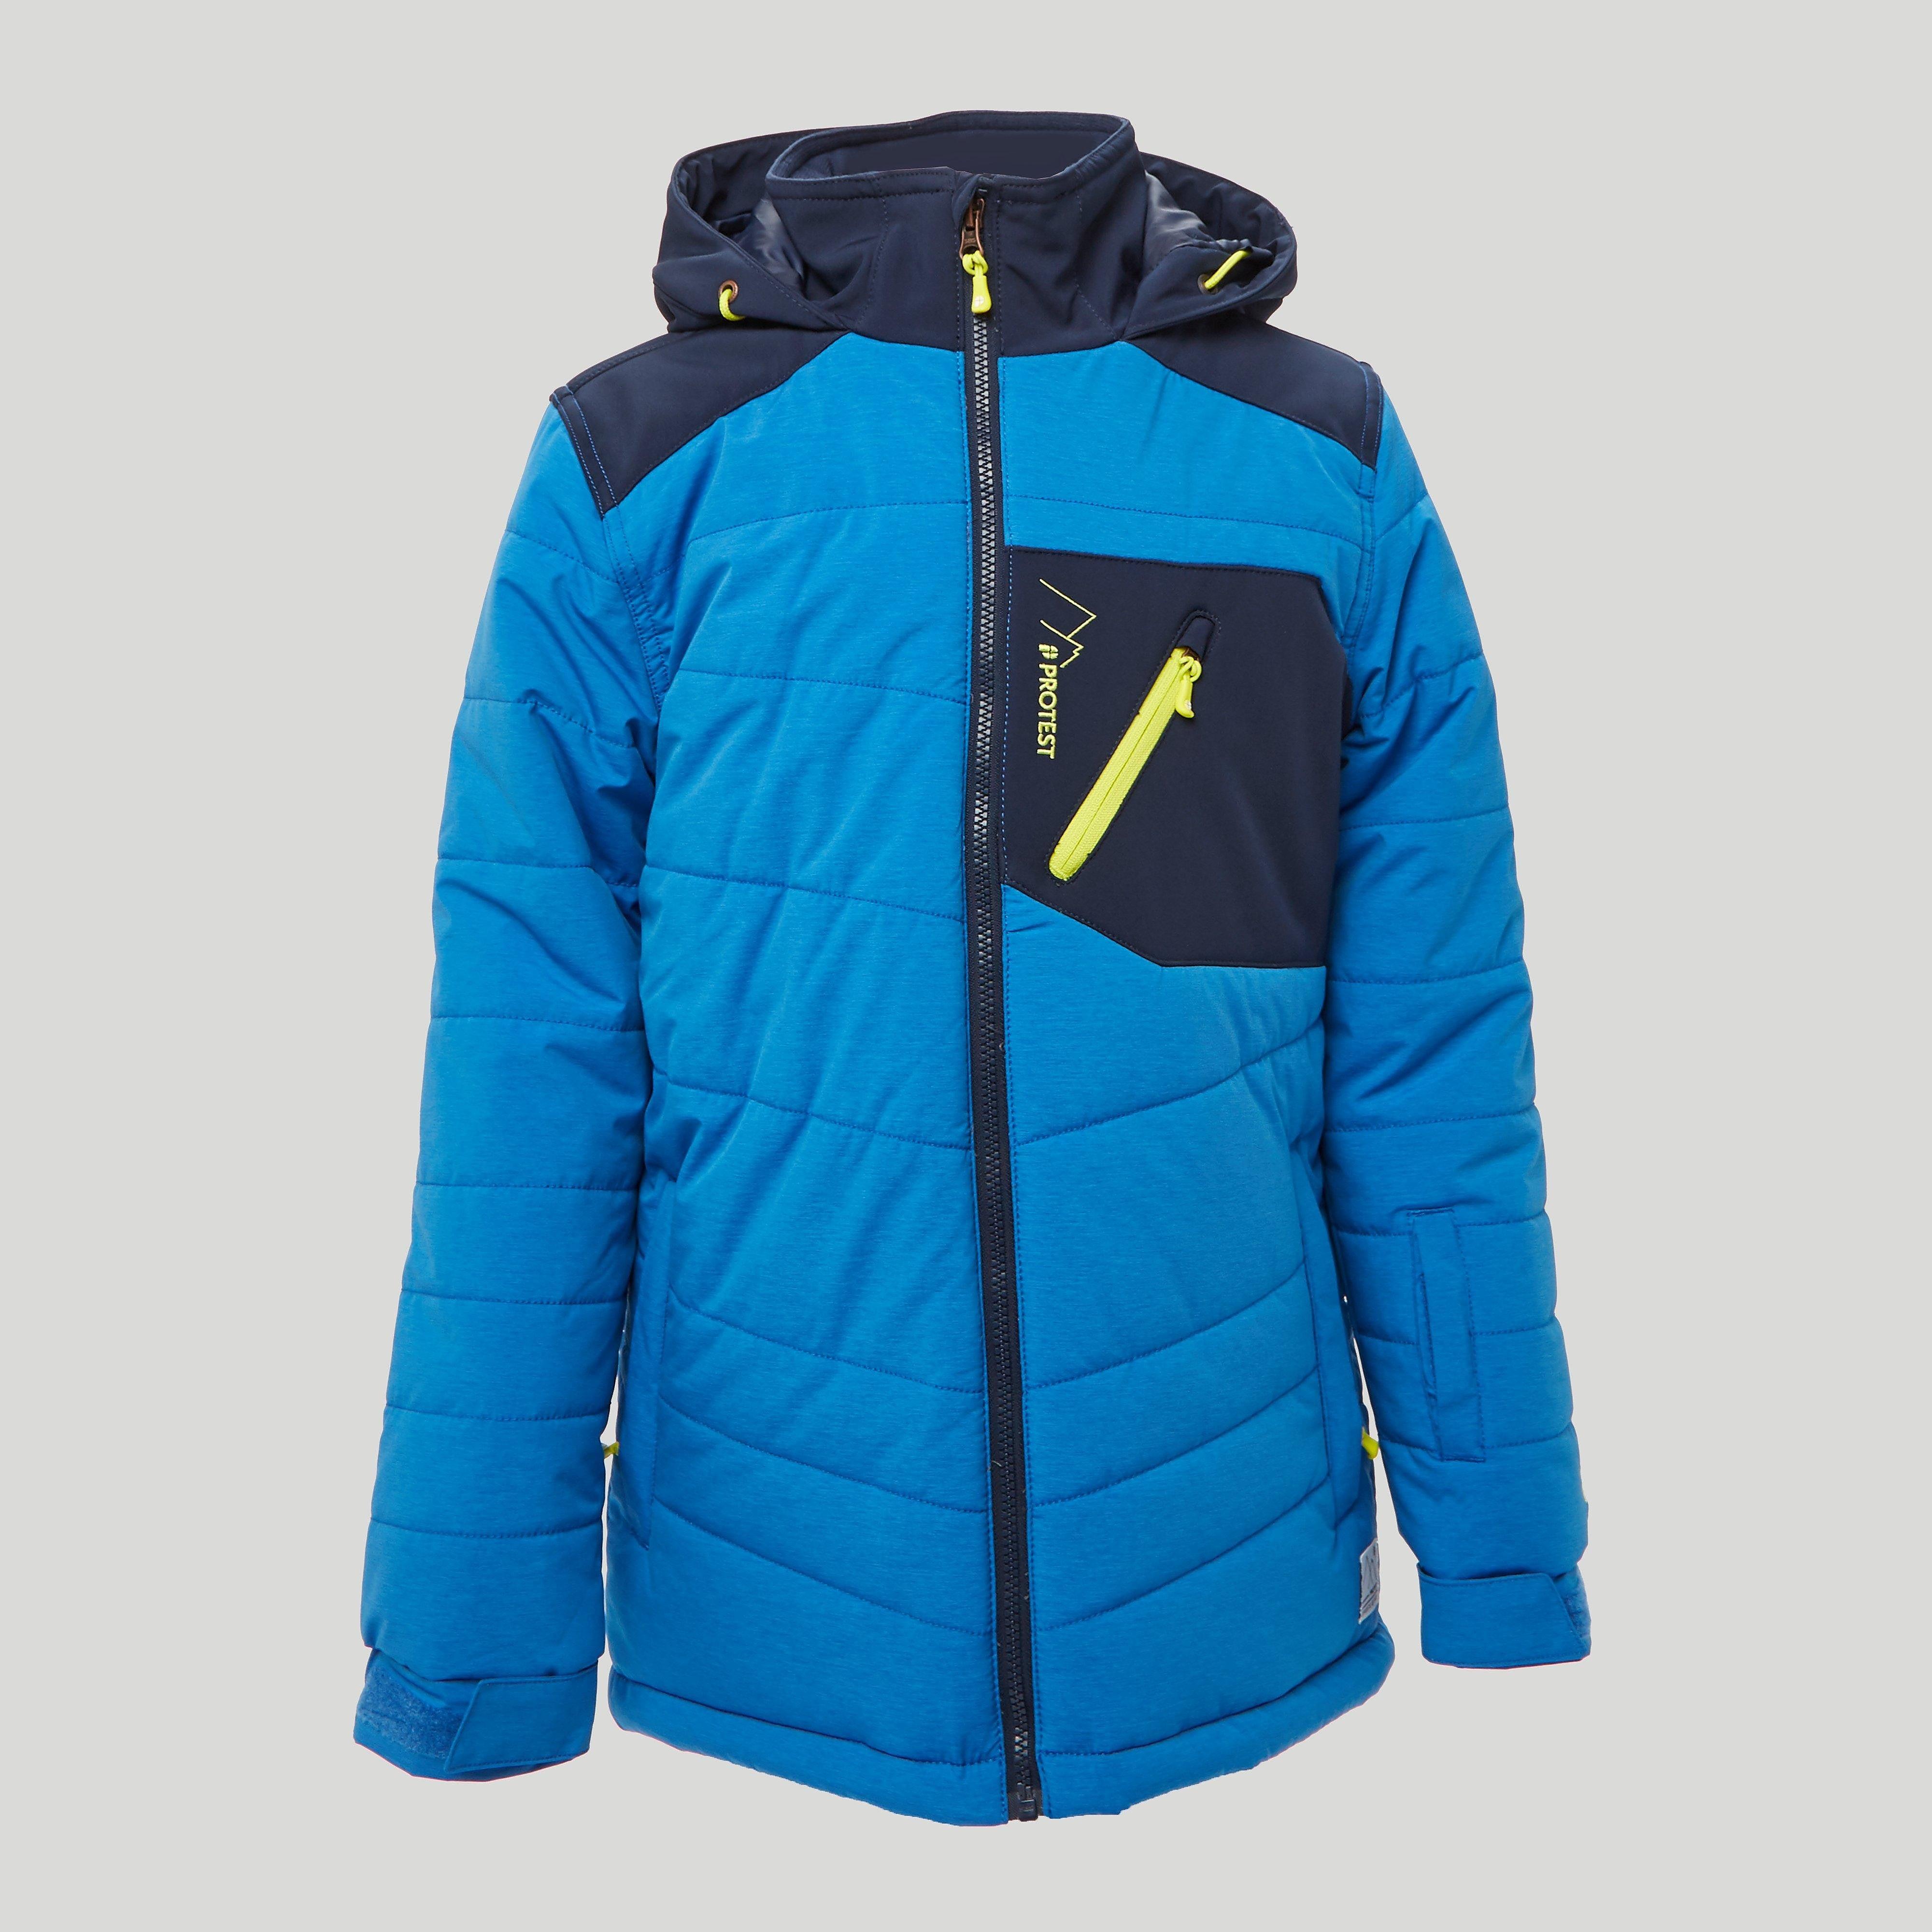 Laat deze edwin ski jas jou maar helpen bij een lekkere portie sneeuwschuiven. met dit blauwe kindermodel ...